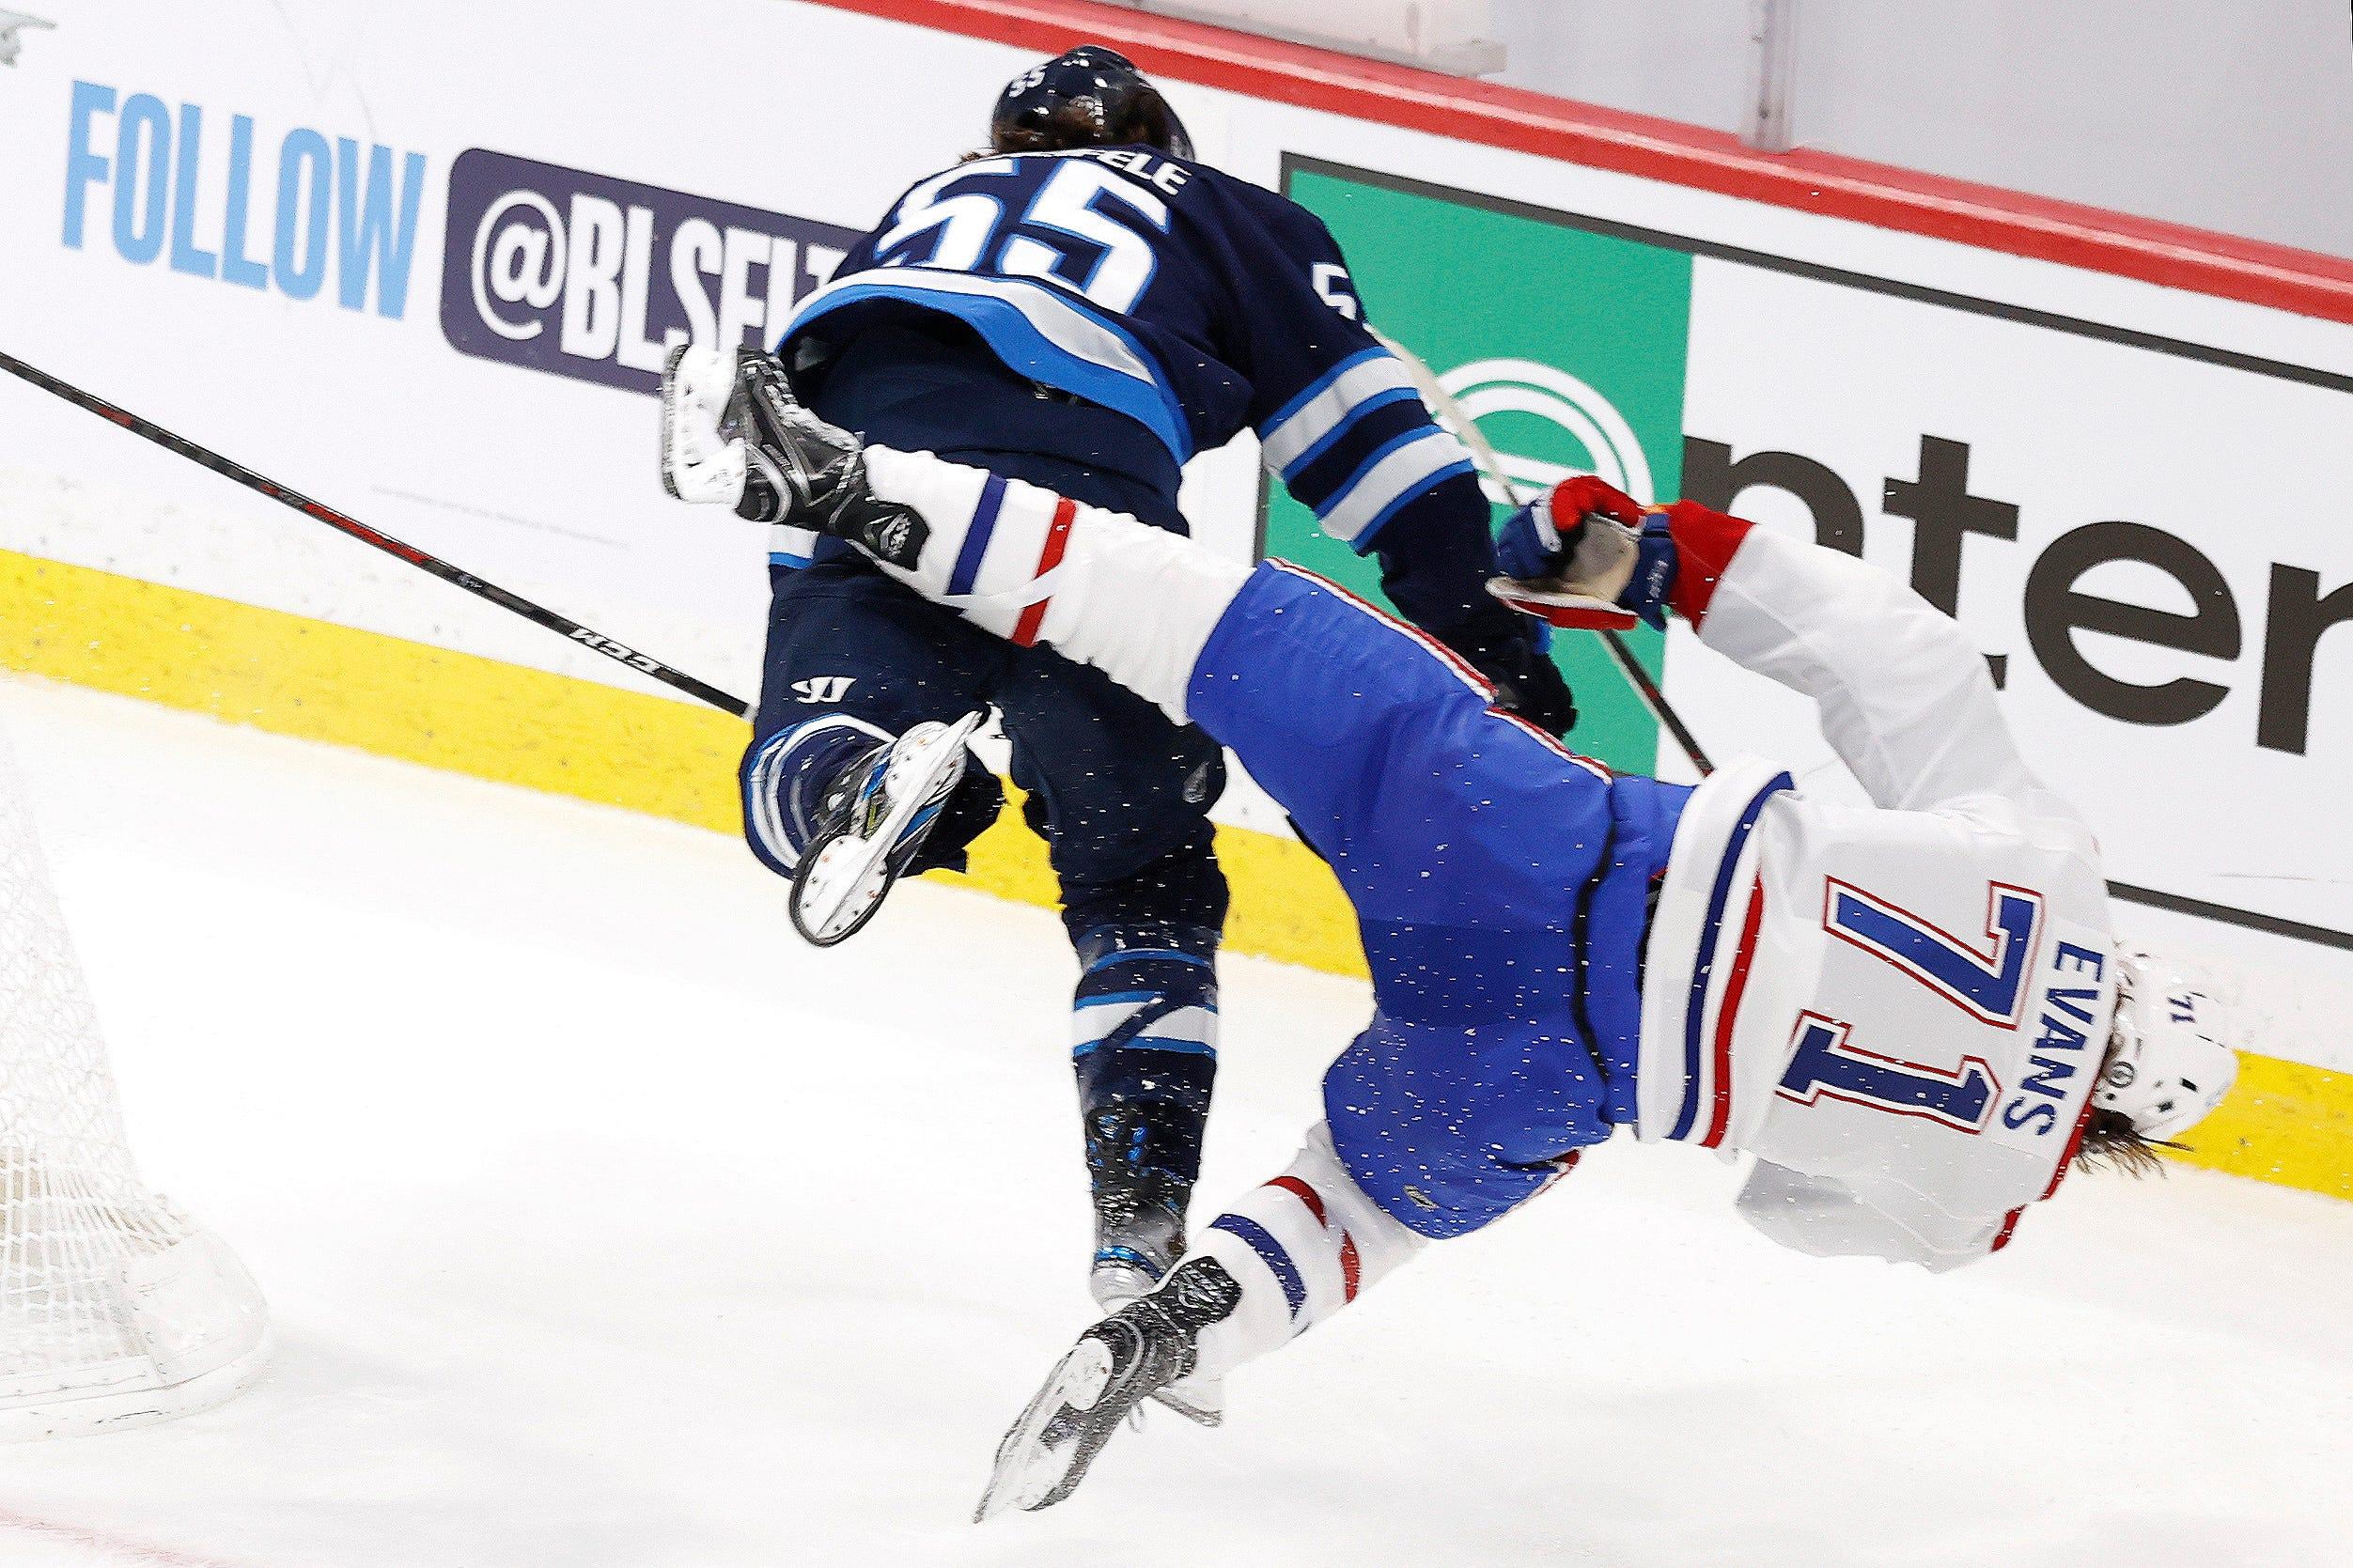 Montreal Canadiens' Jake Evans taken off on stretcher after hit by Winnipeg Jets' Mark Scheifele